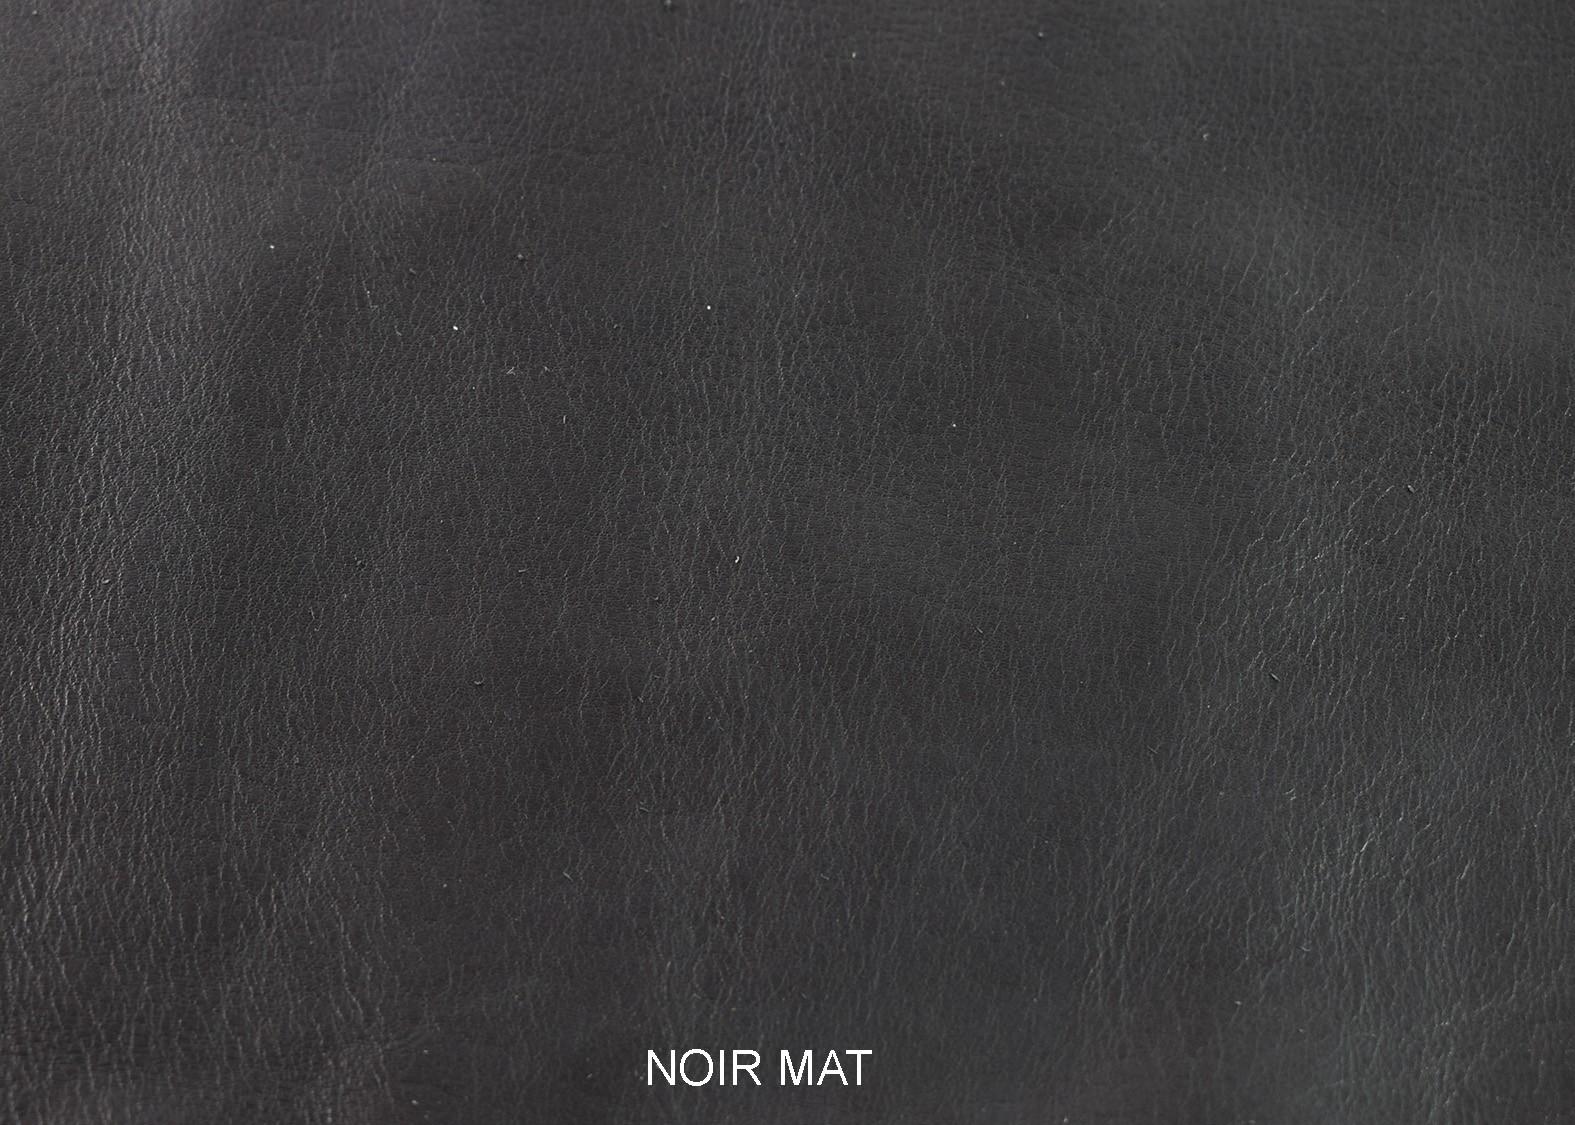 Noire Mat